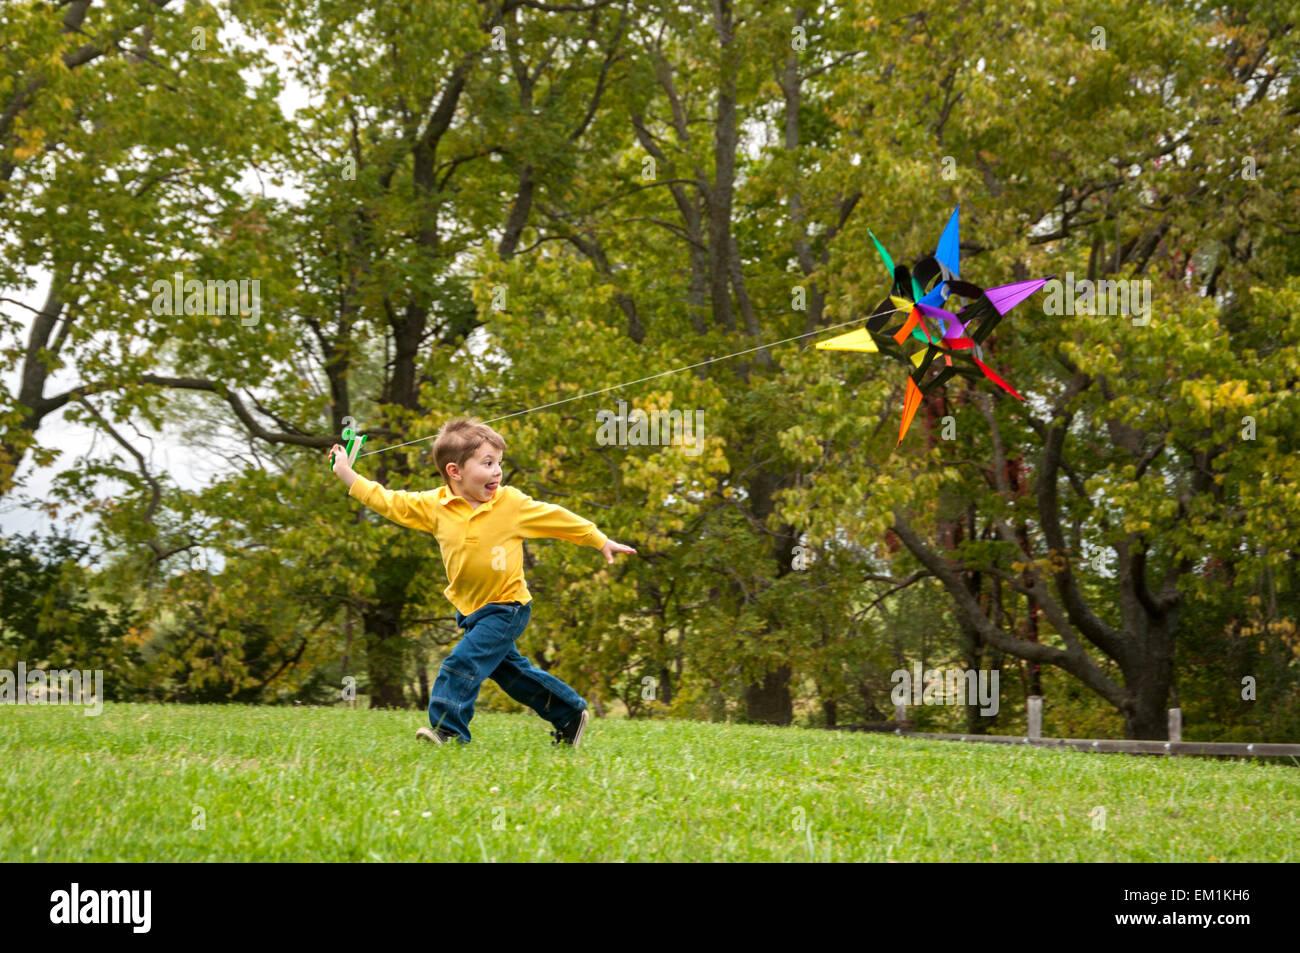 Niño corriendo con kite Imagen De Stock